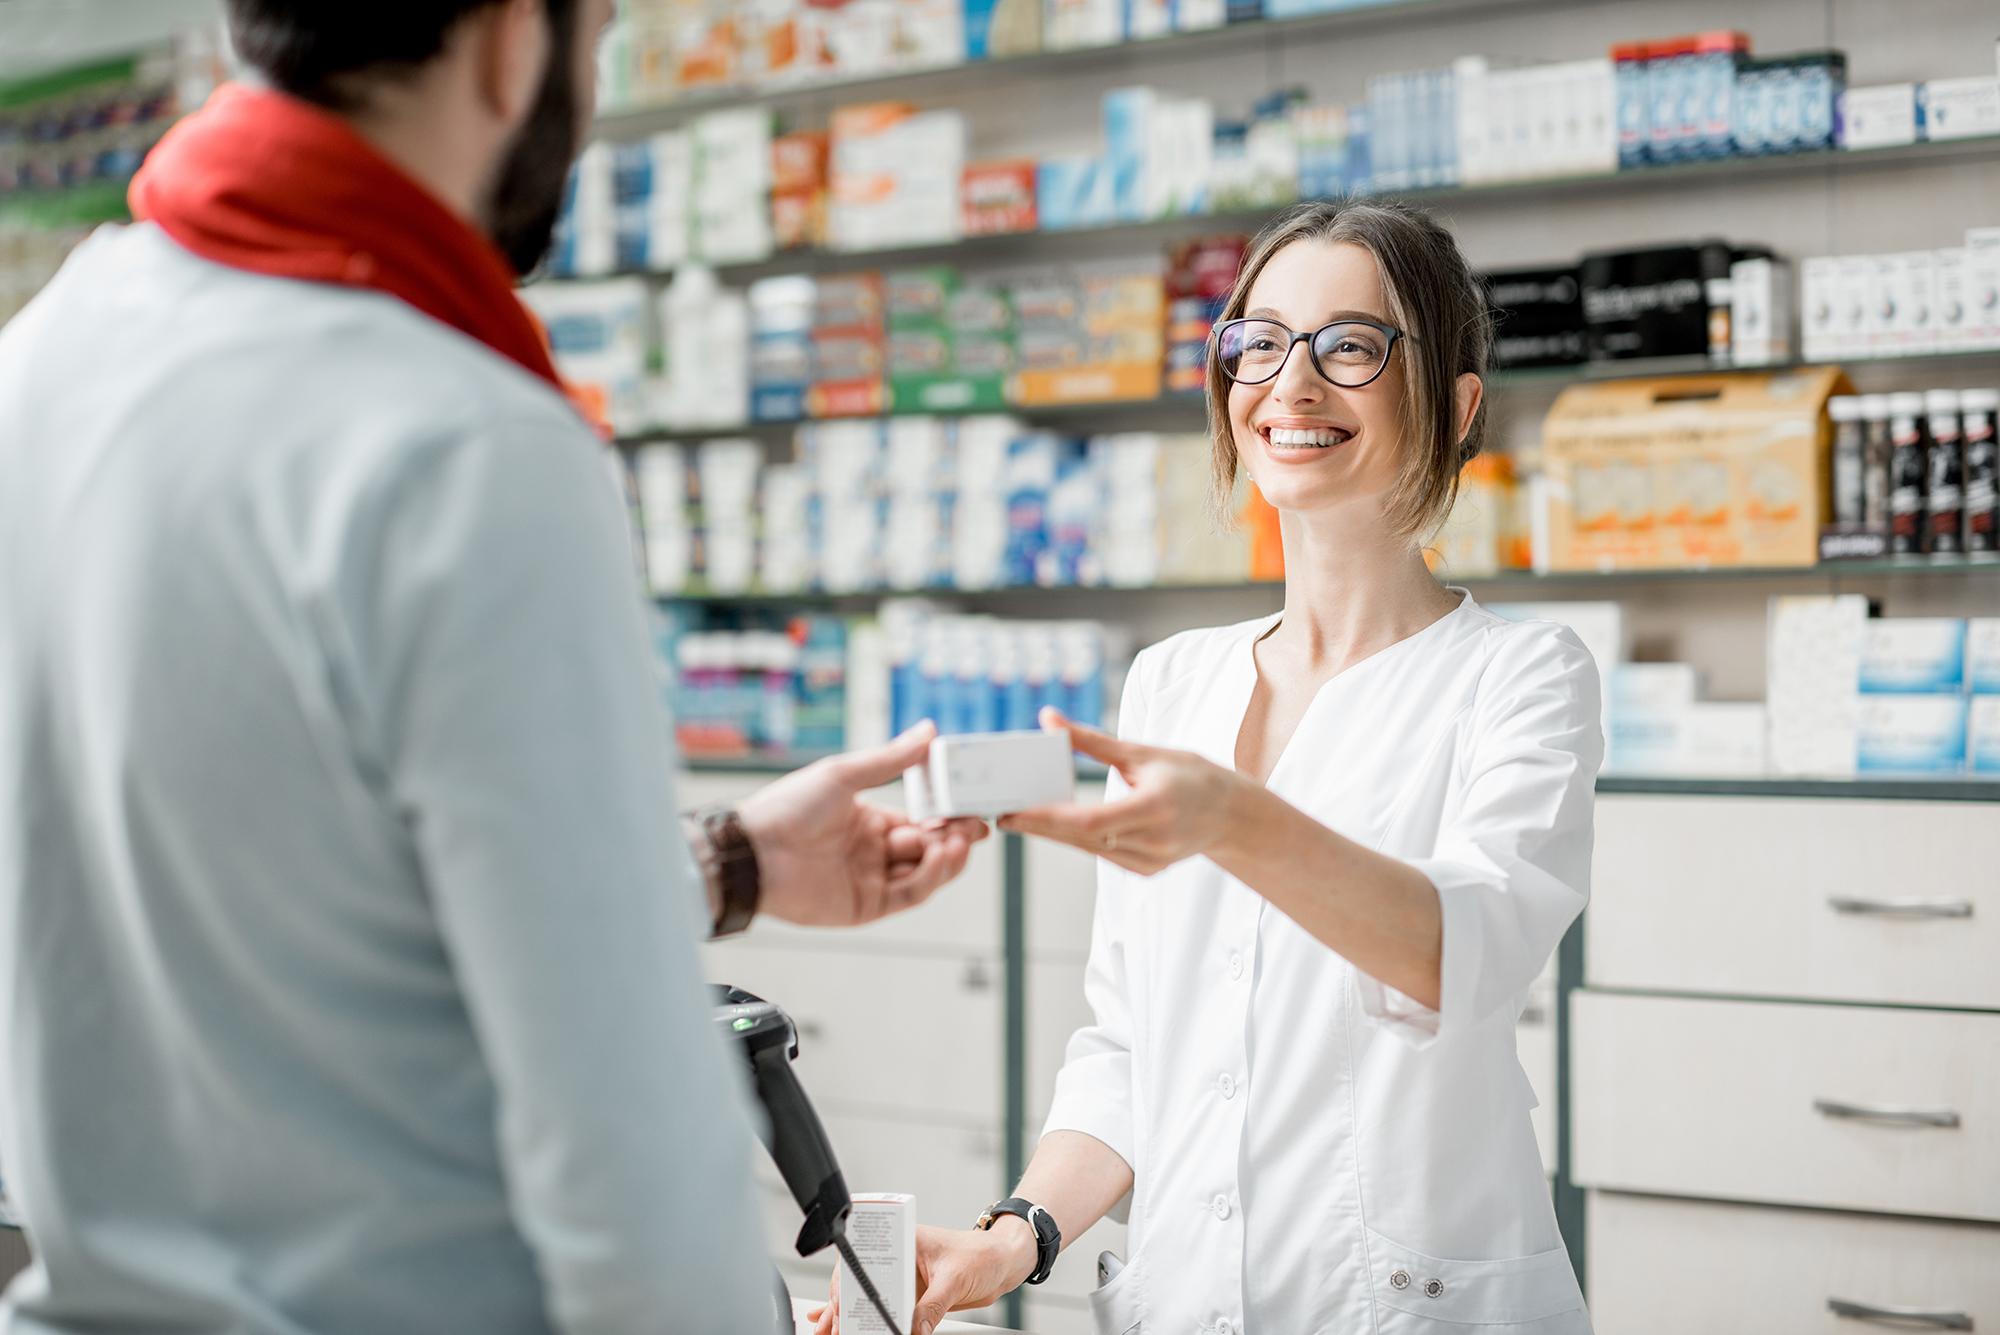 Foto: Eine junge Apothekerin reicht dem männlichen Kunden eine Medikamentenverpackung über den Tresen.